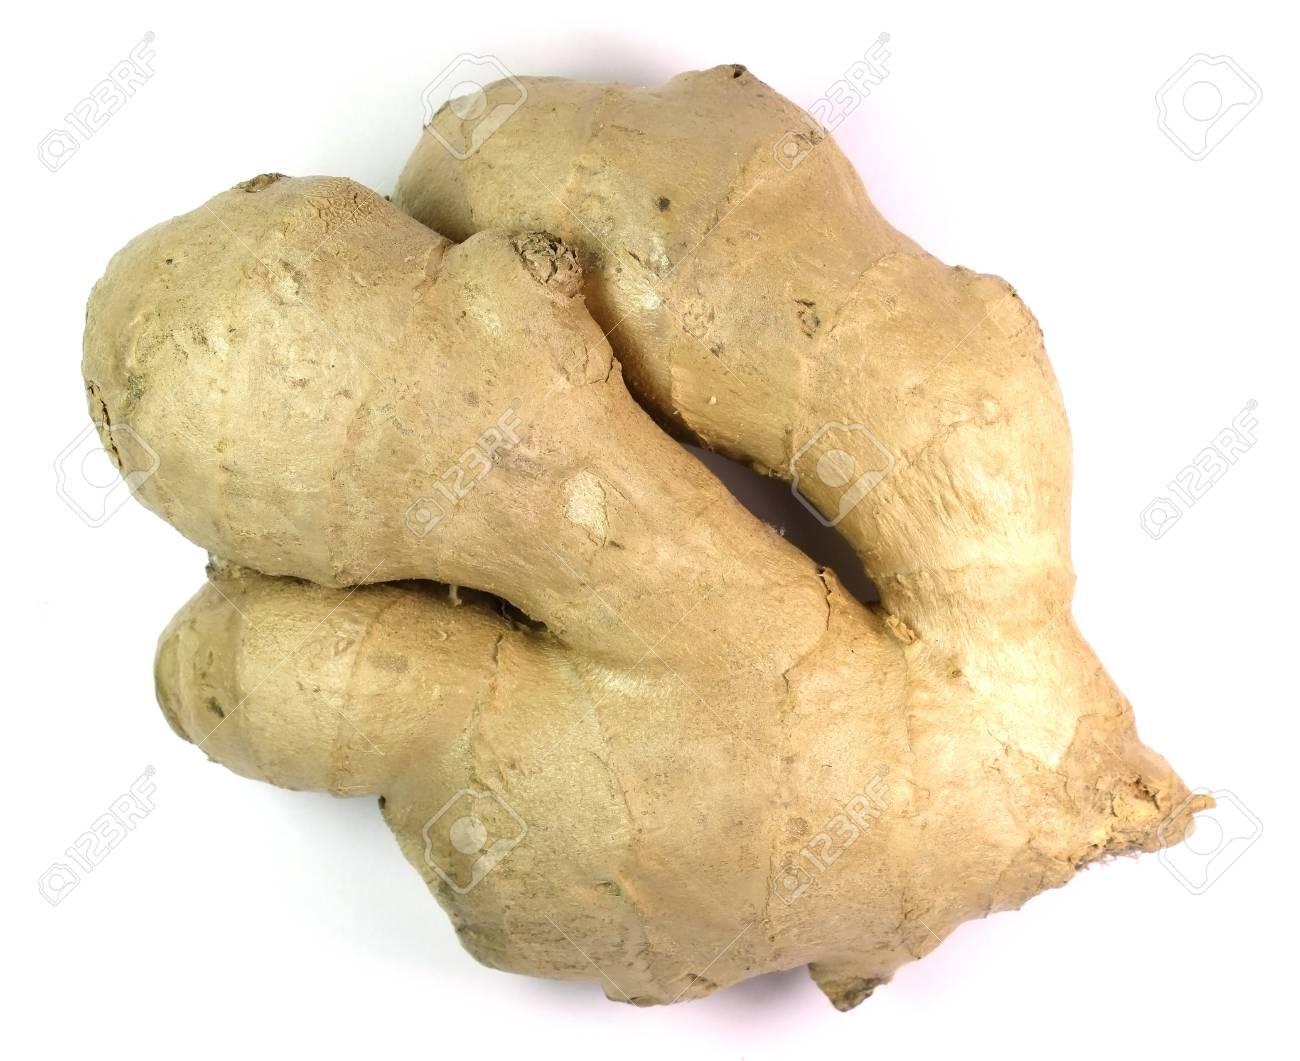 ginger isolated on white backgrou Stock Photo - 16838805